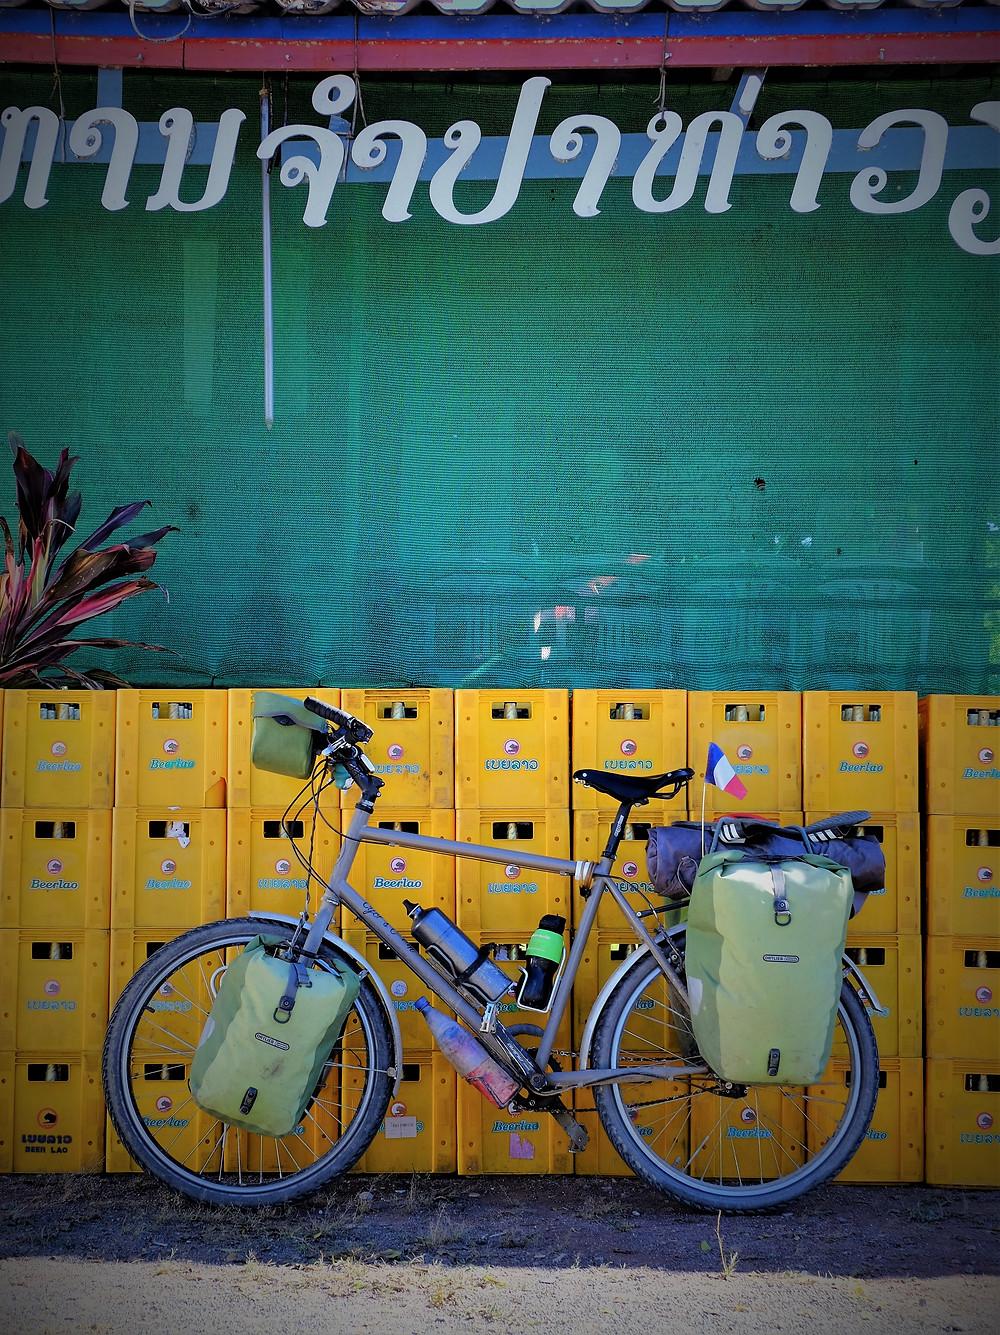 Pendant que je me repose, mon vélo écume l'incontournable bière Lao.